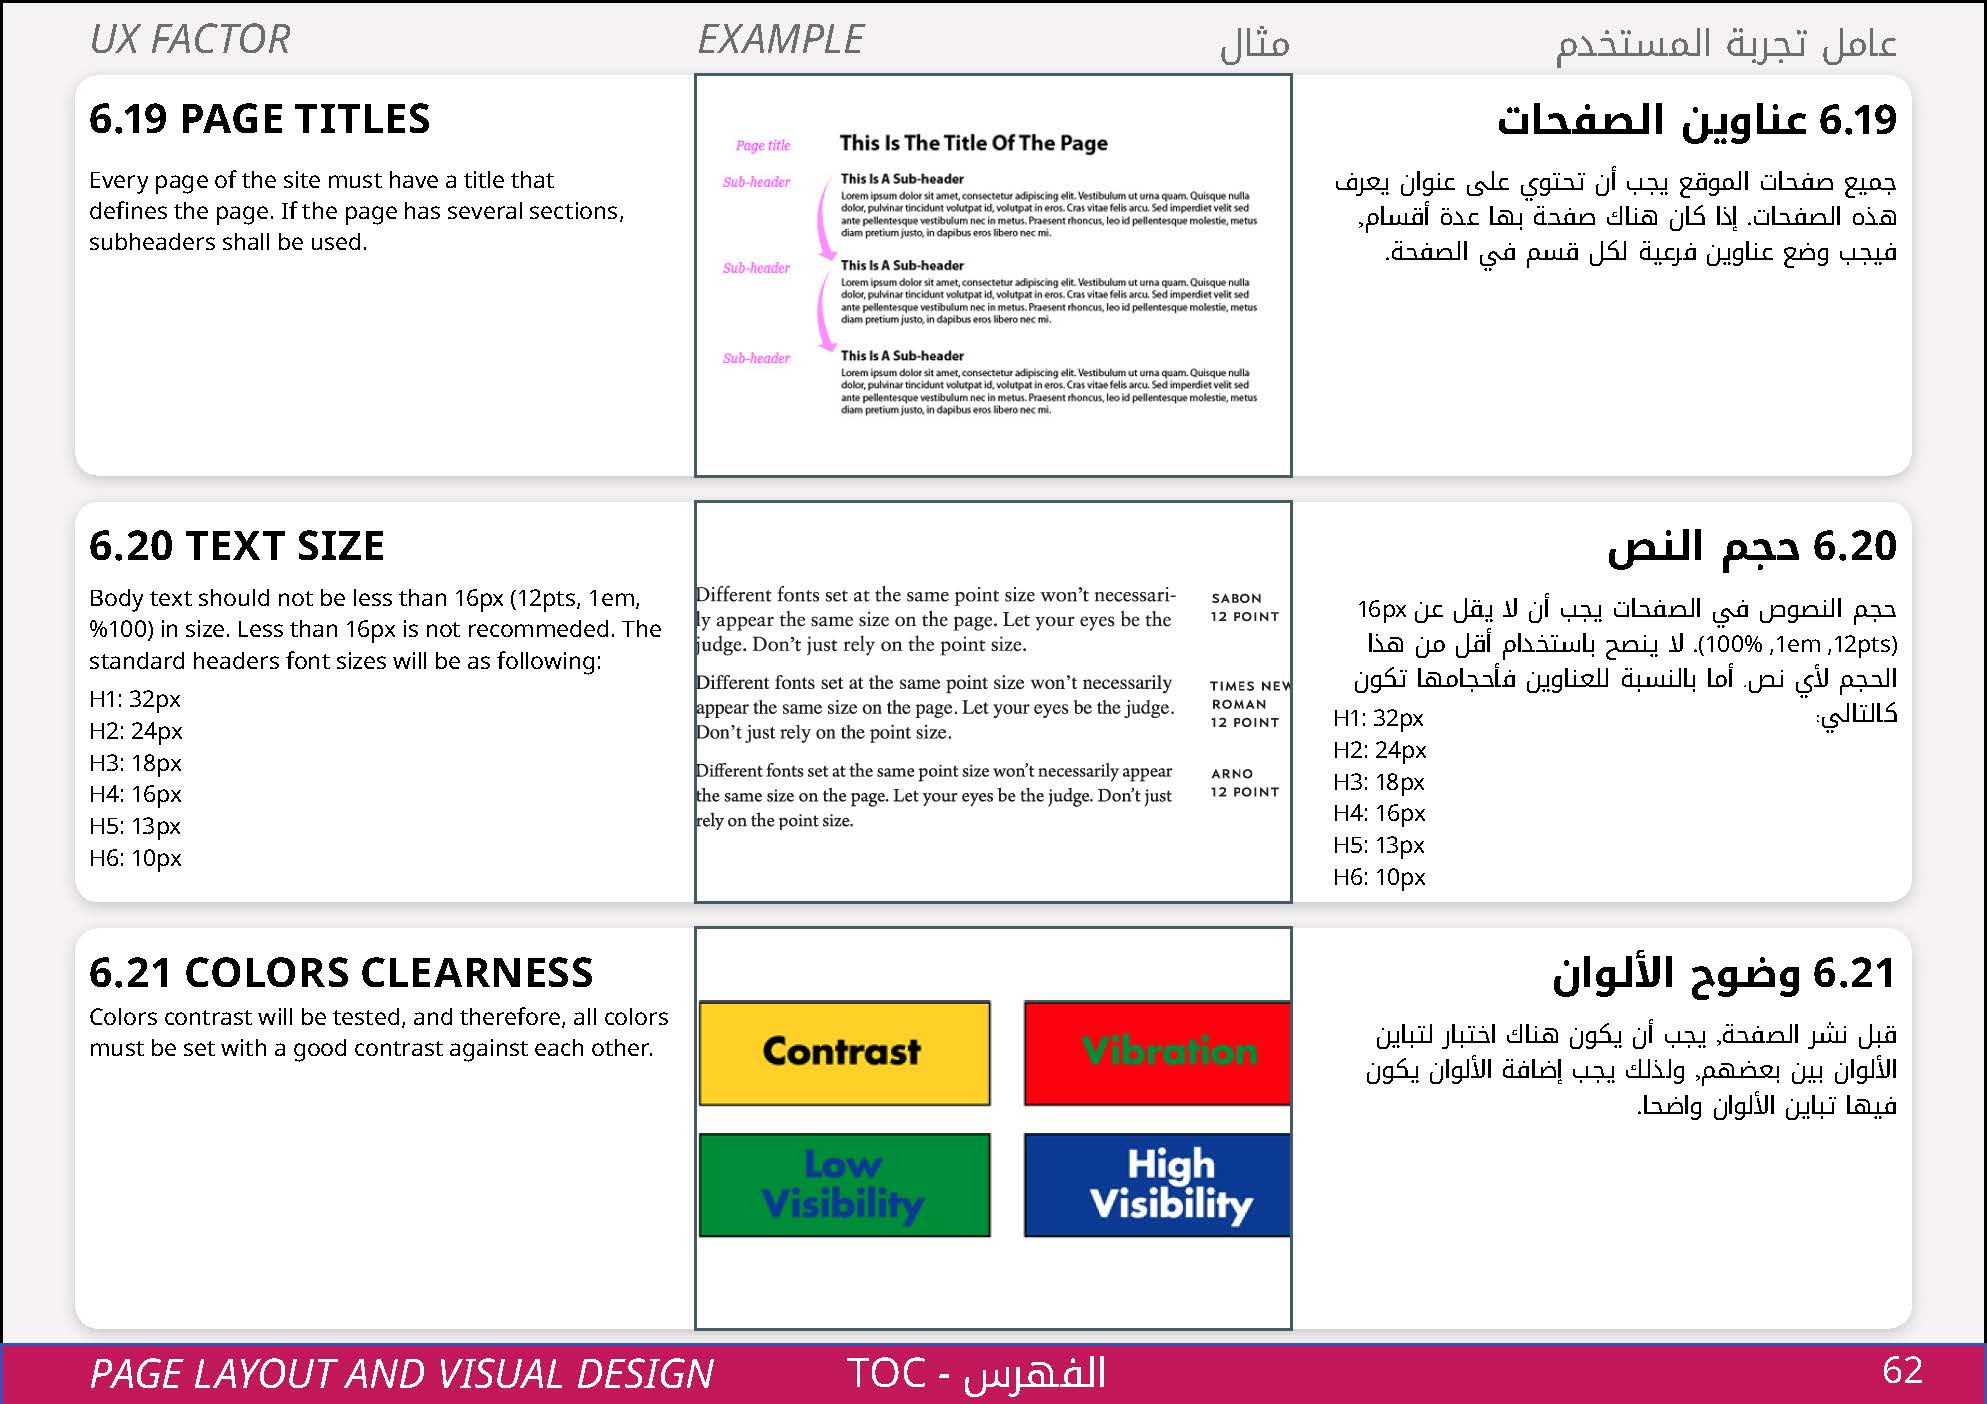 services-UX-Guidelines - V1.0-3.jpg